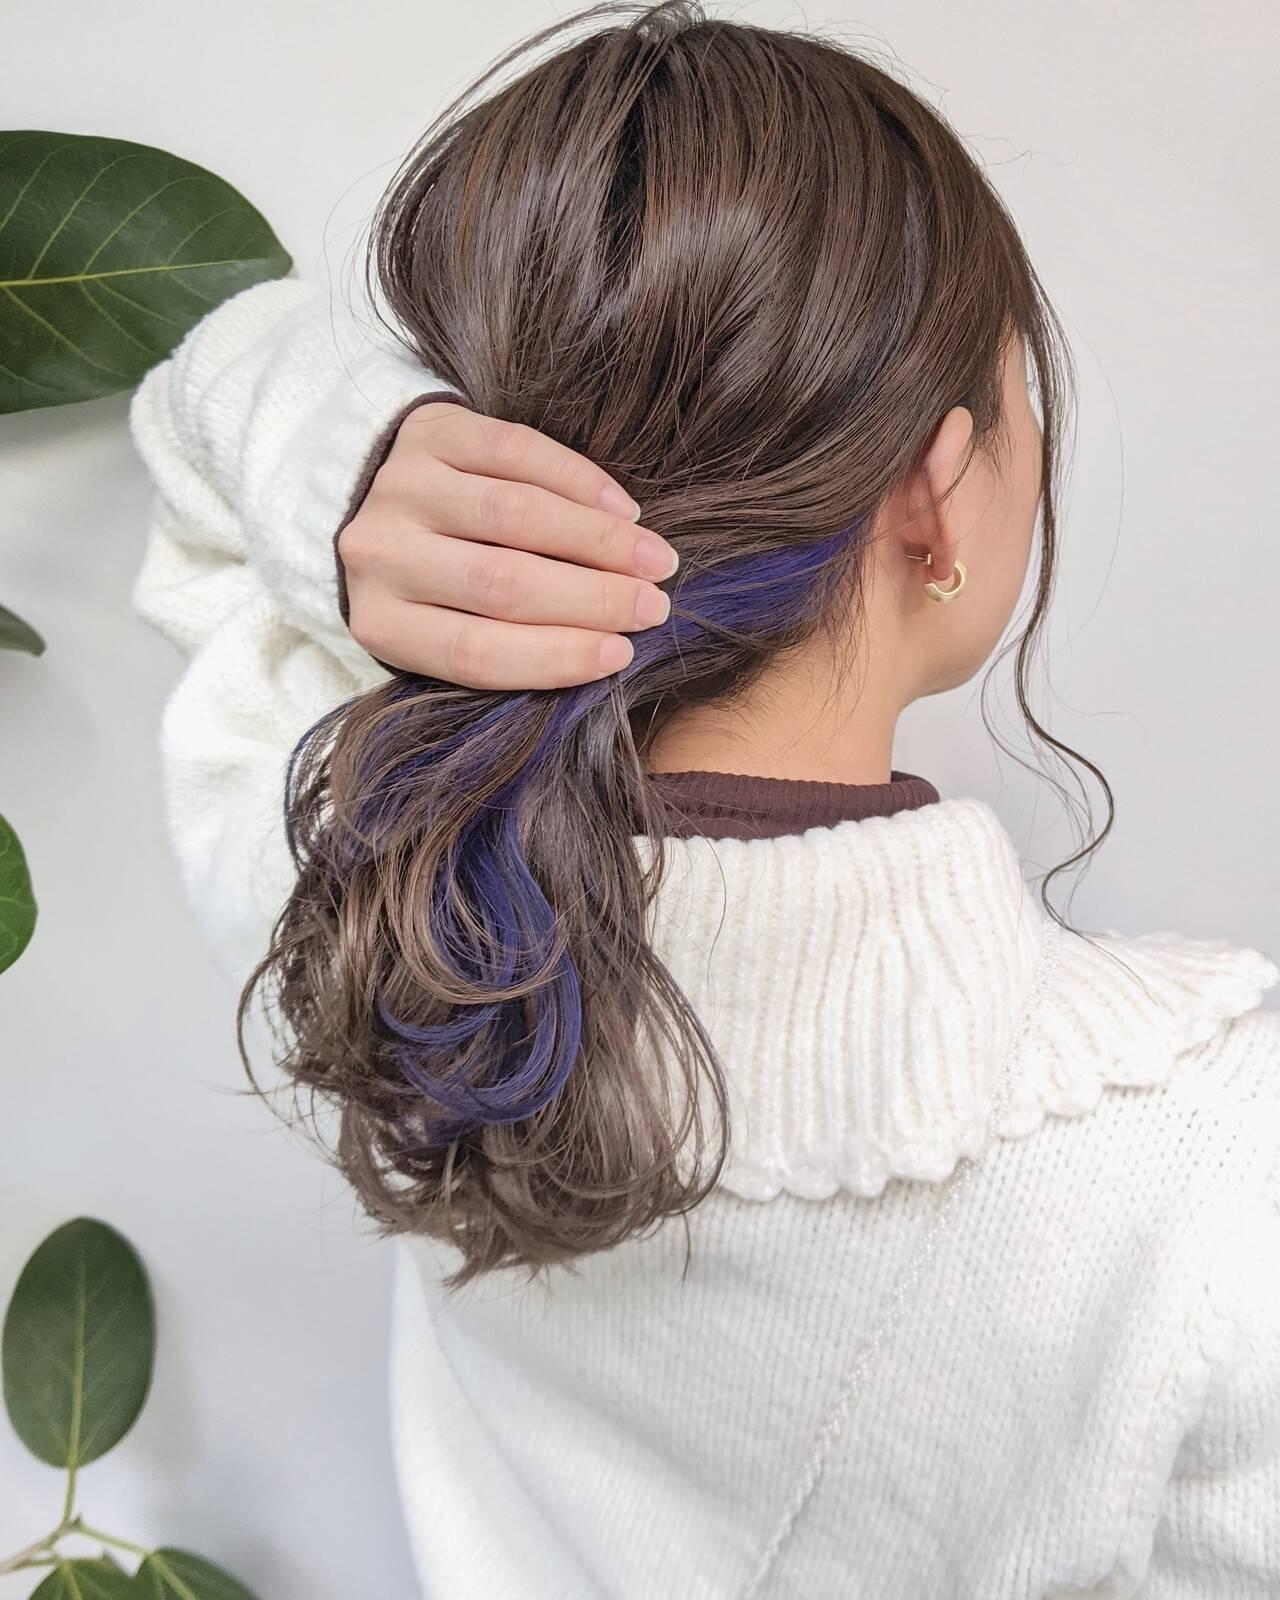 ピンクパープル パープル セミロング パープルカラーヘアスタイルや髪型の写真・画像